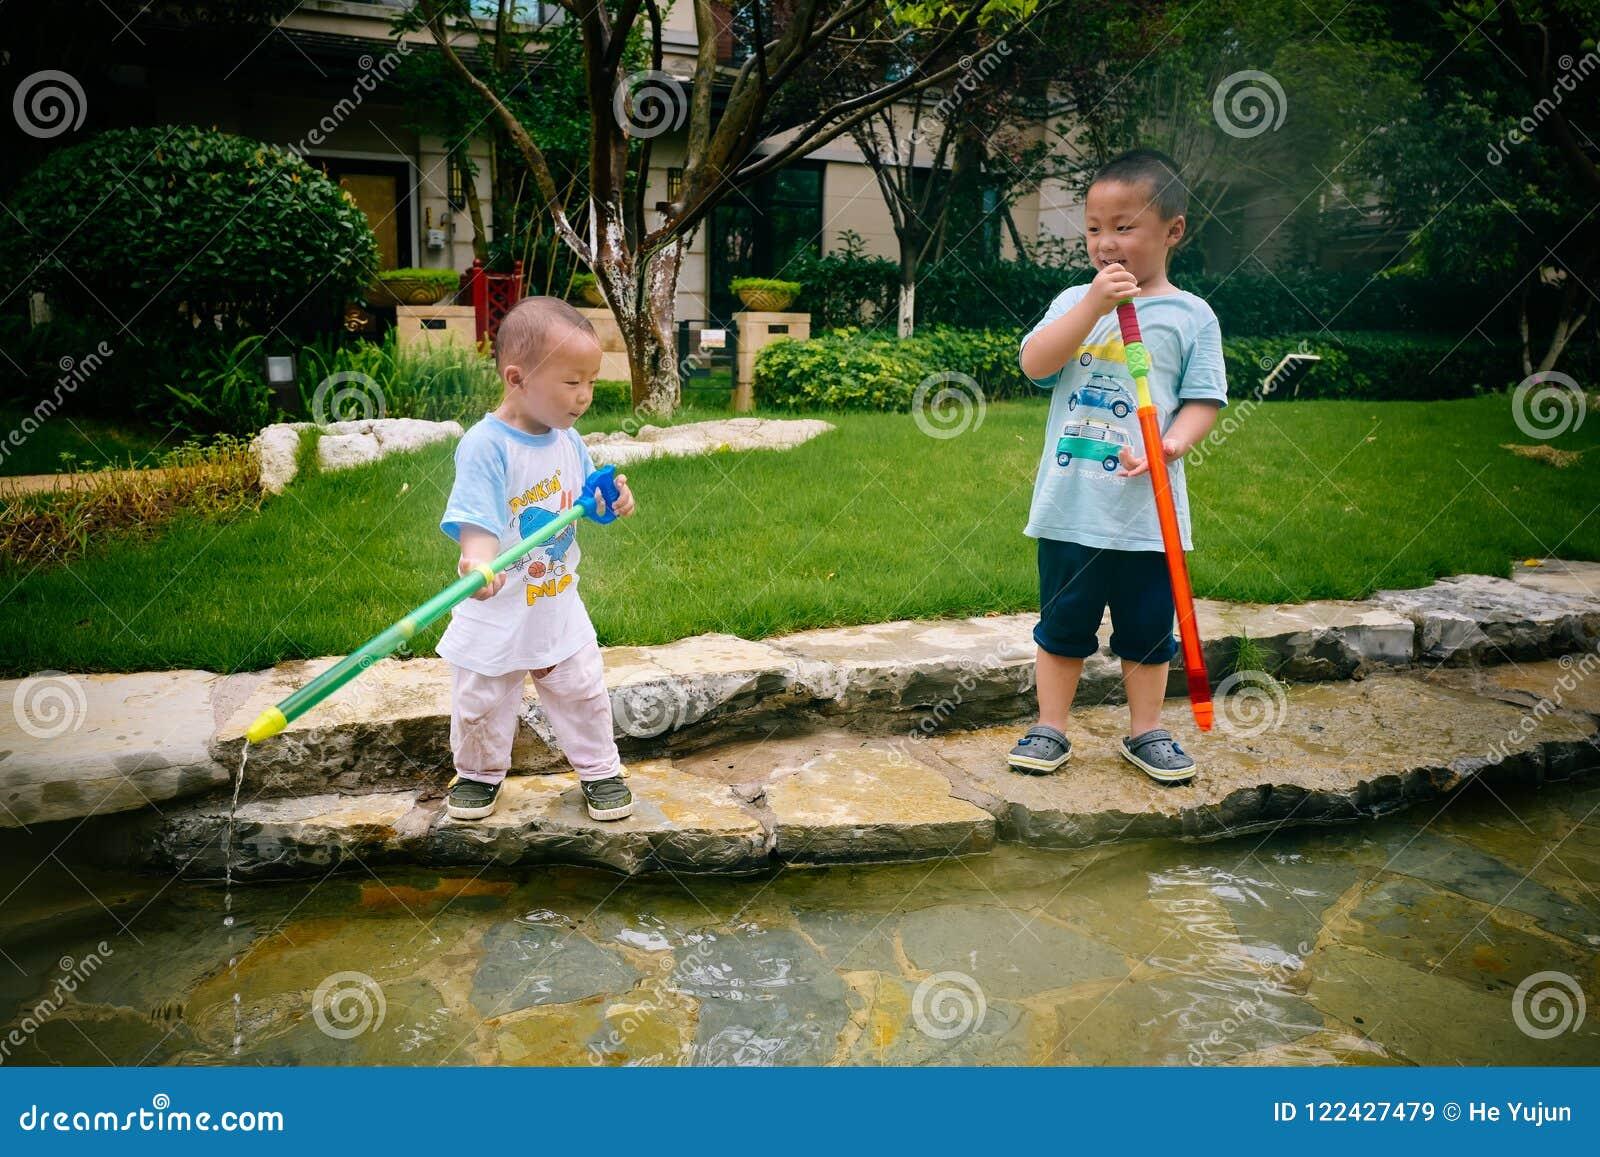 Jeu d enfants dans le jardin avec des armes à feu et des fusils de l eau